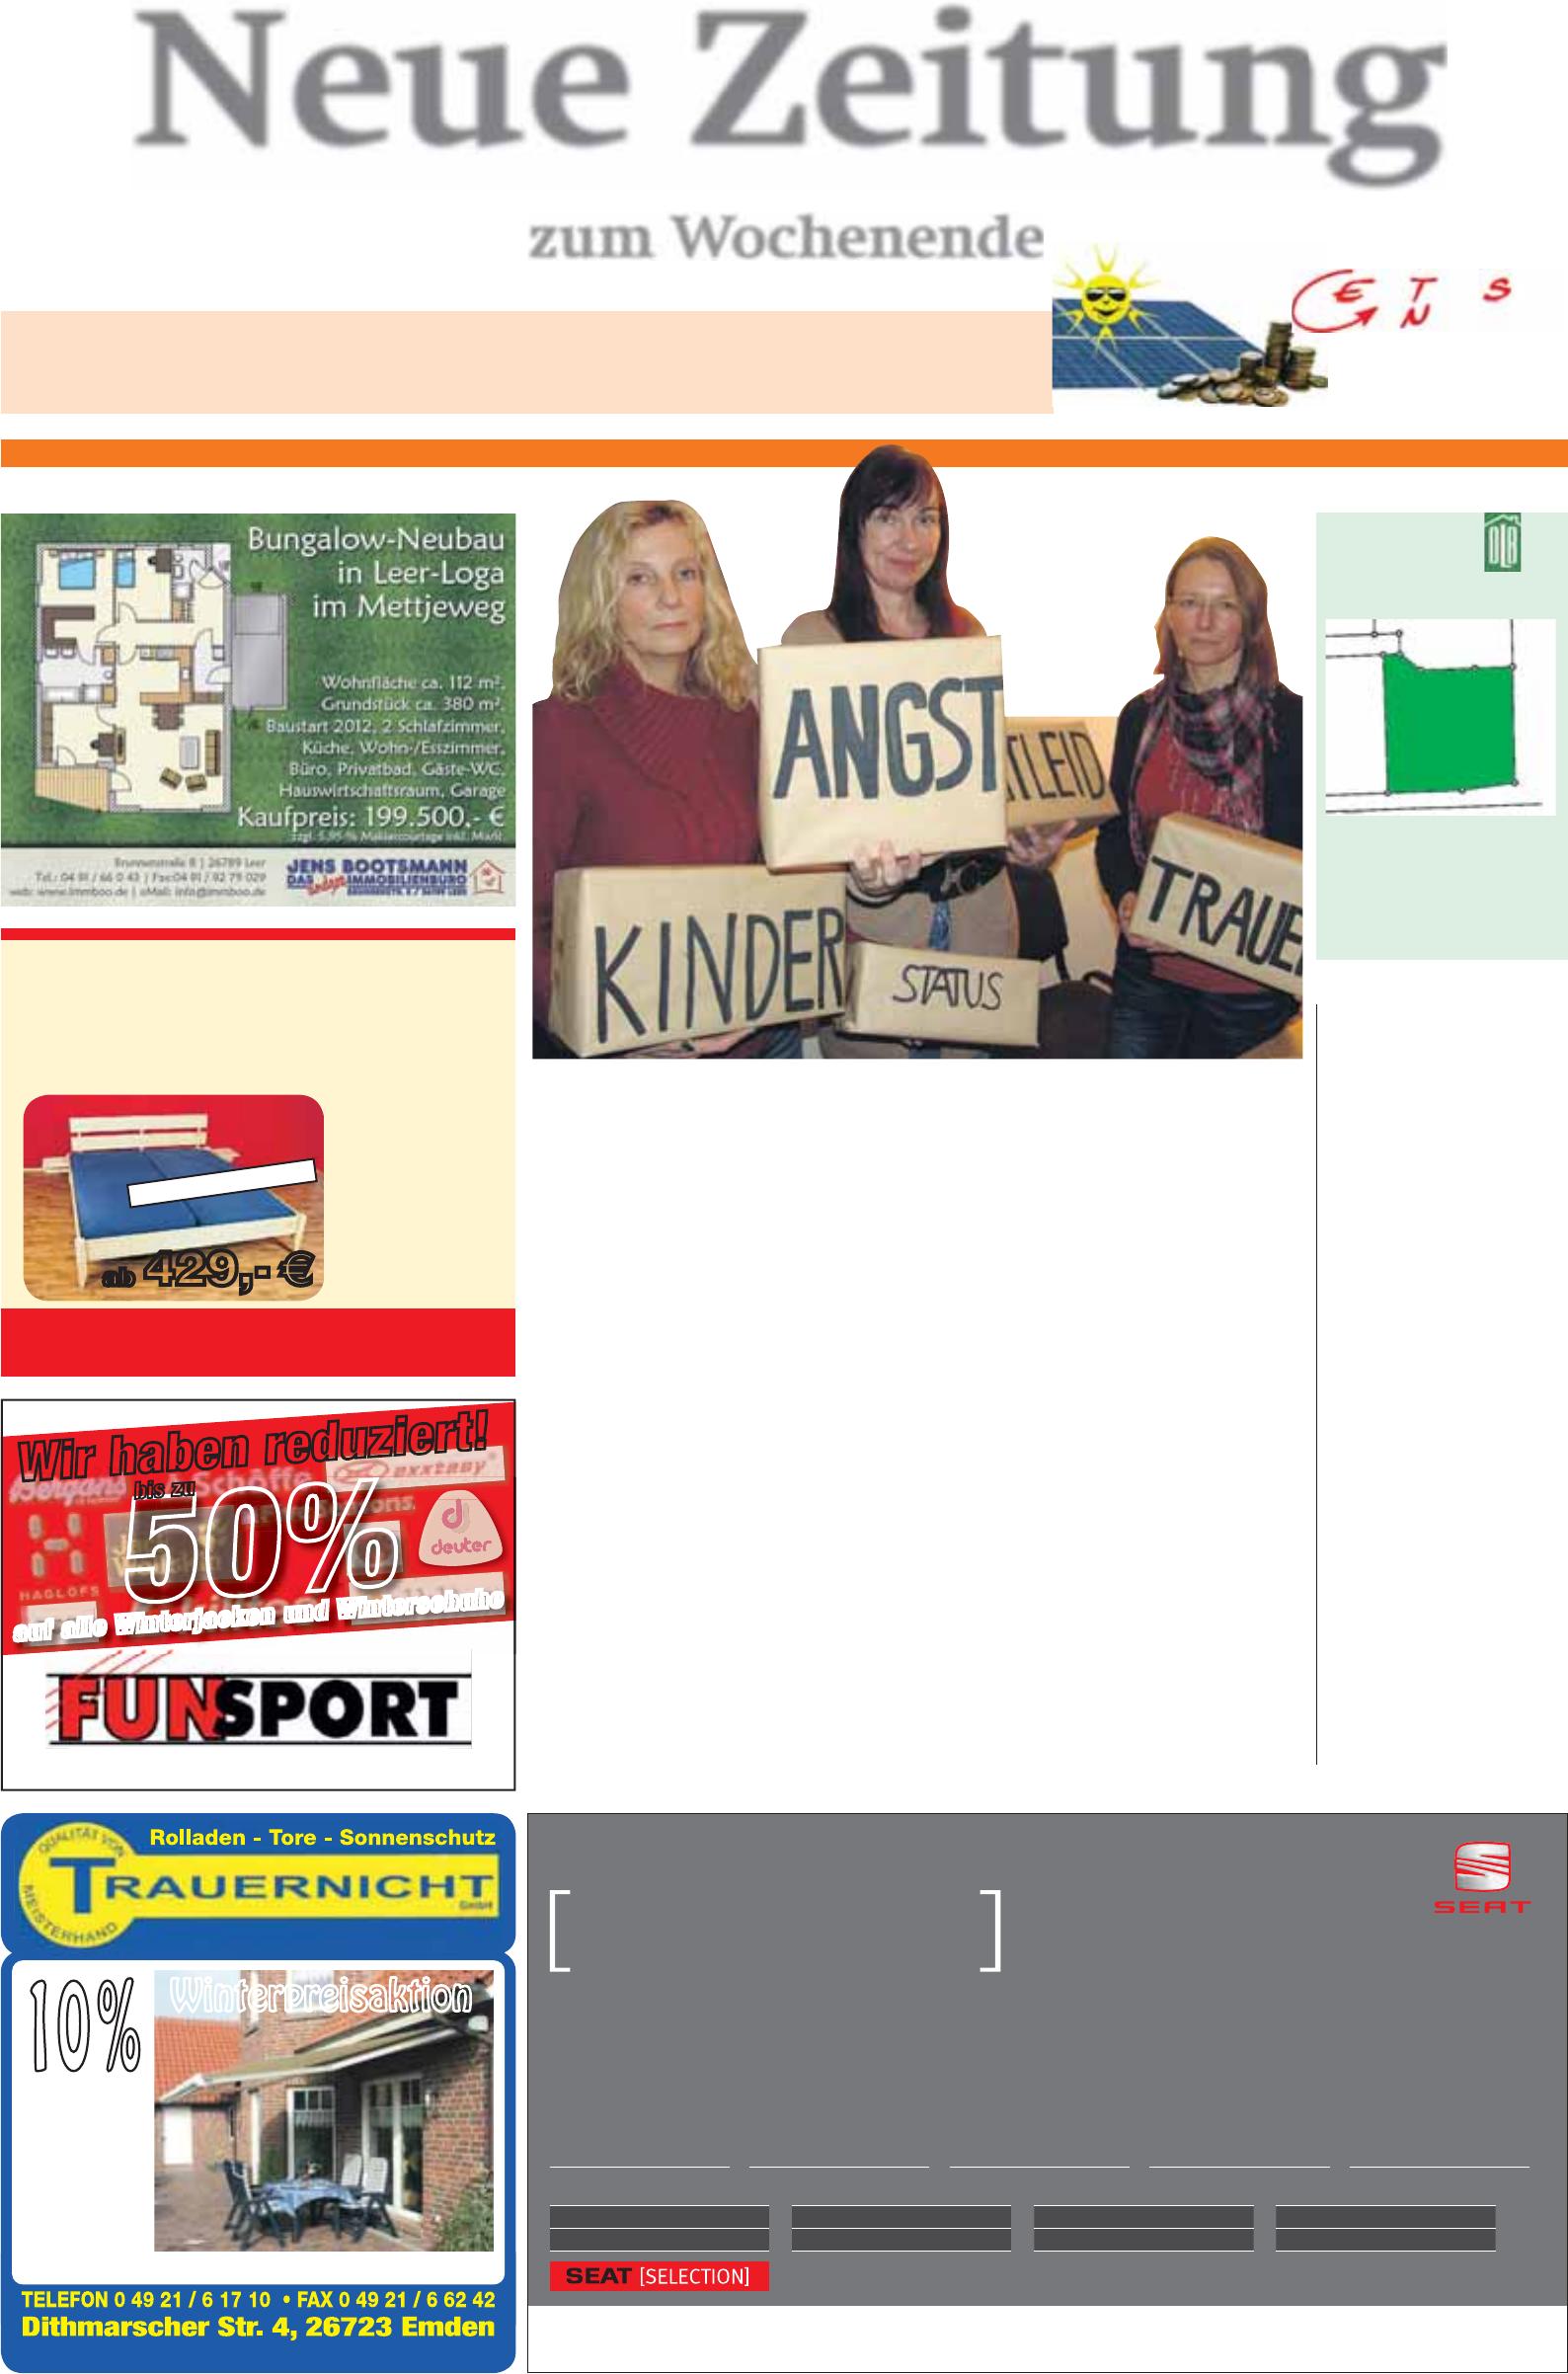 Baumwurzel Dekorieren Genial Neue Zeitung Ausgabe nord Kw 03 2012